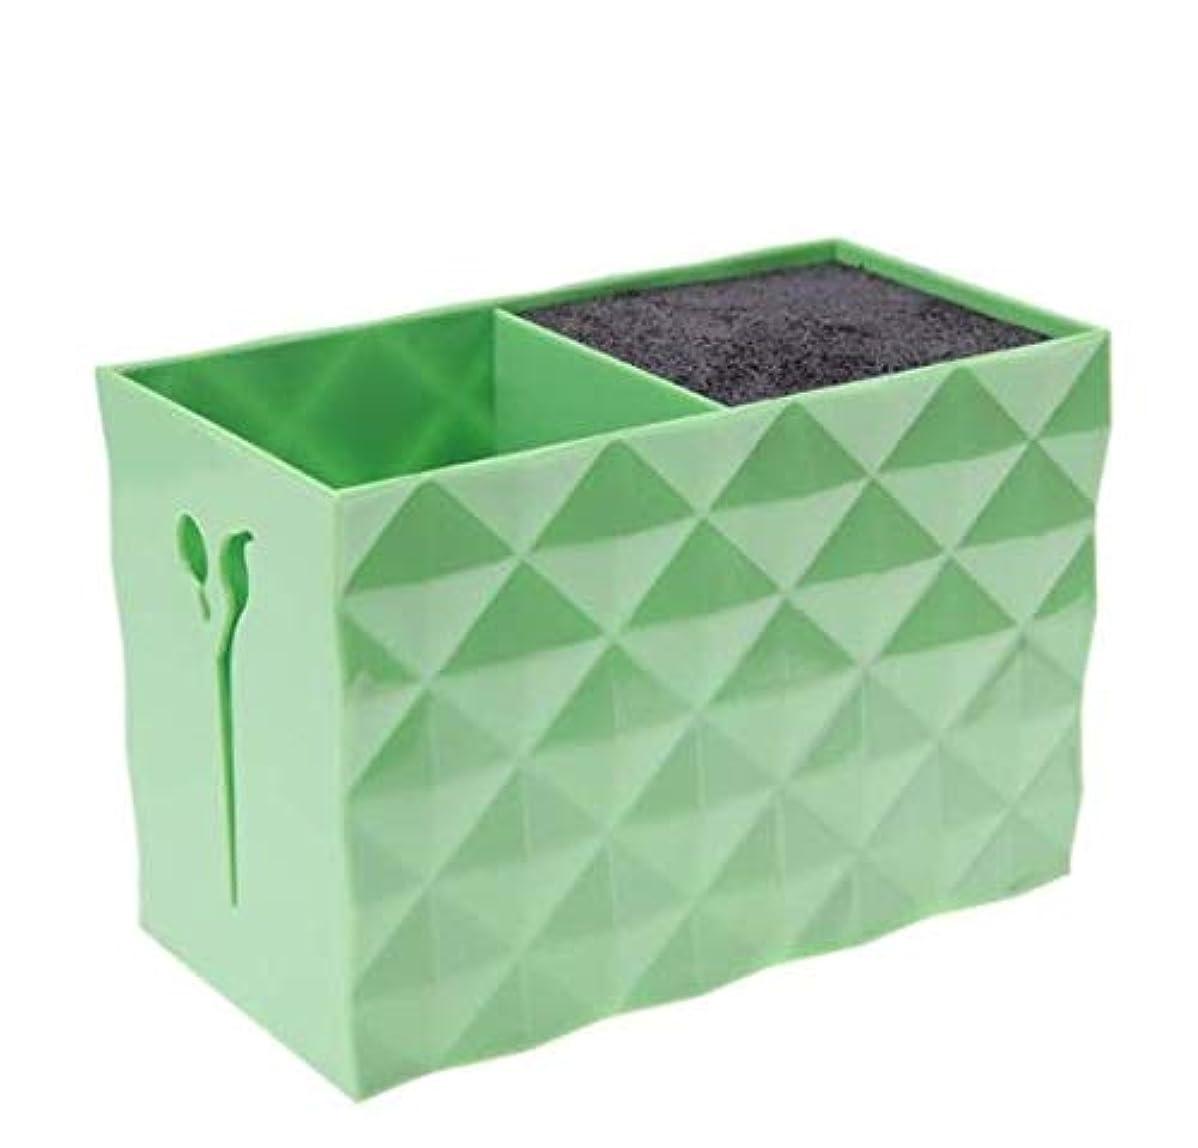 開発エイリアス考案するLivemarket プロのアクセサリー非スリップソケット髪シザー櫛ポットスタンドケーススタイリングサロンヘアクリップ人気の収納ボックス (グリーン)